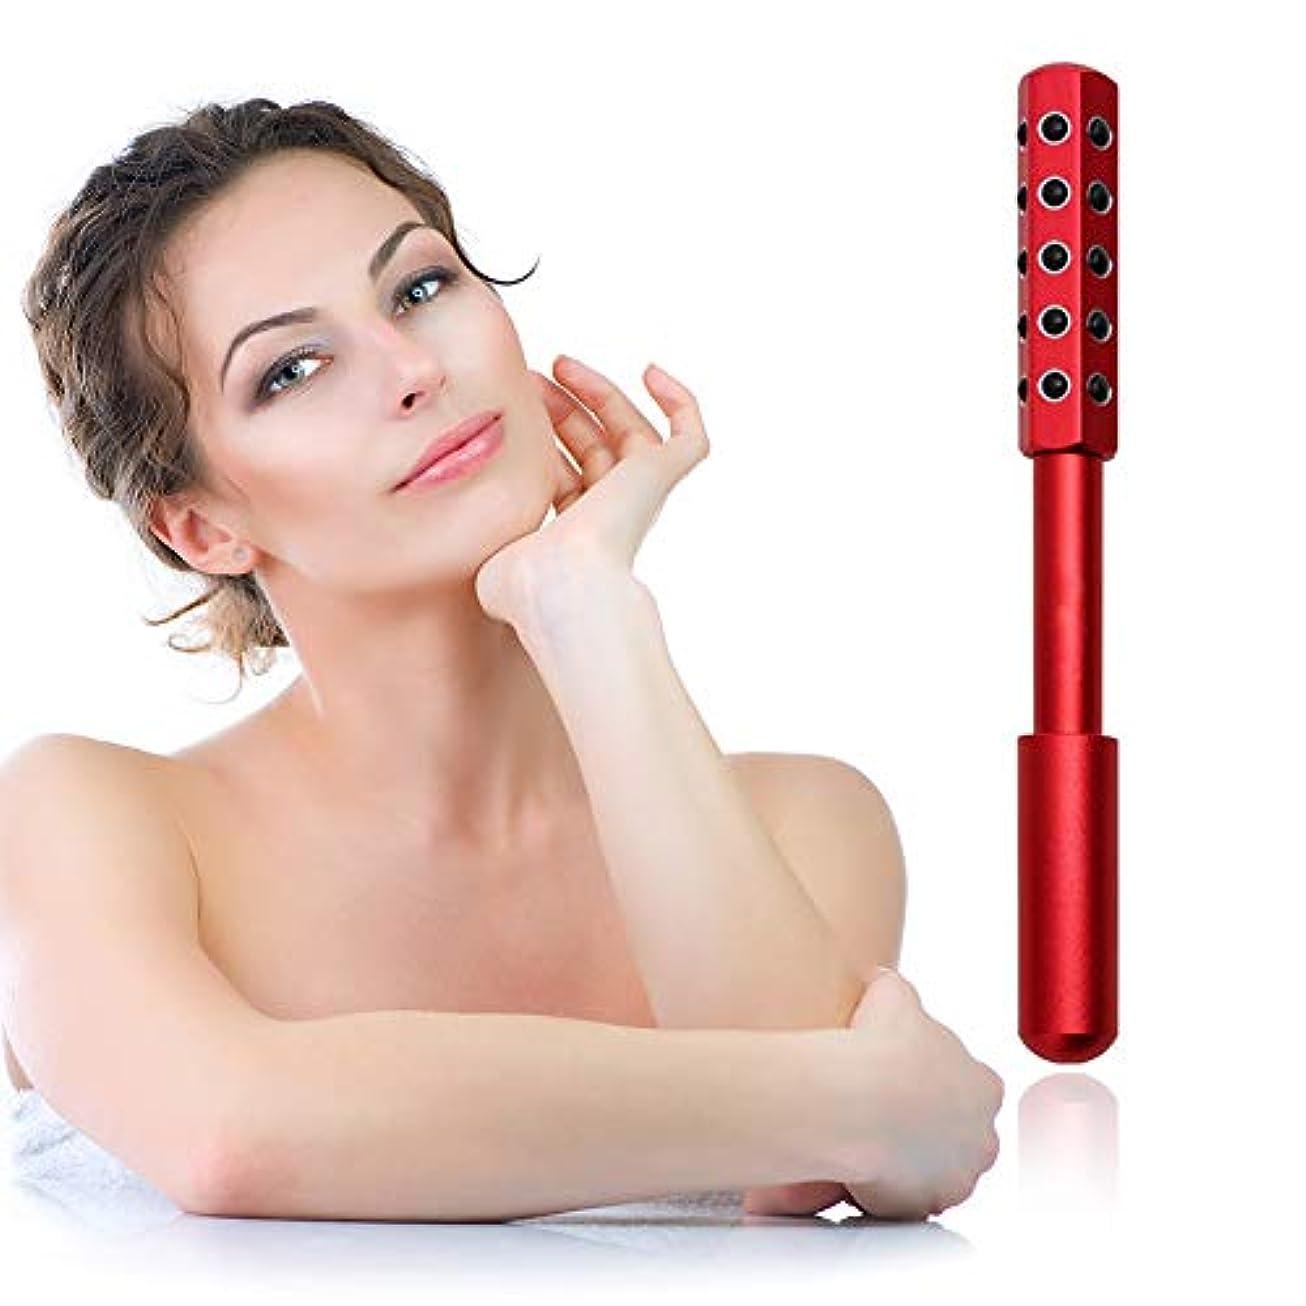 トロピカル十分です戦術顔と体のためのゲルマニウムマッサージ美容ローラーは、血液の循環を促進し、皮膚の引き締め、毒素、皮膚の抗しわをクリア